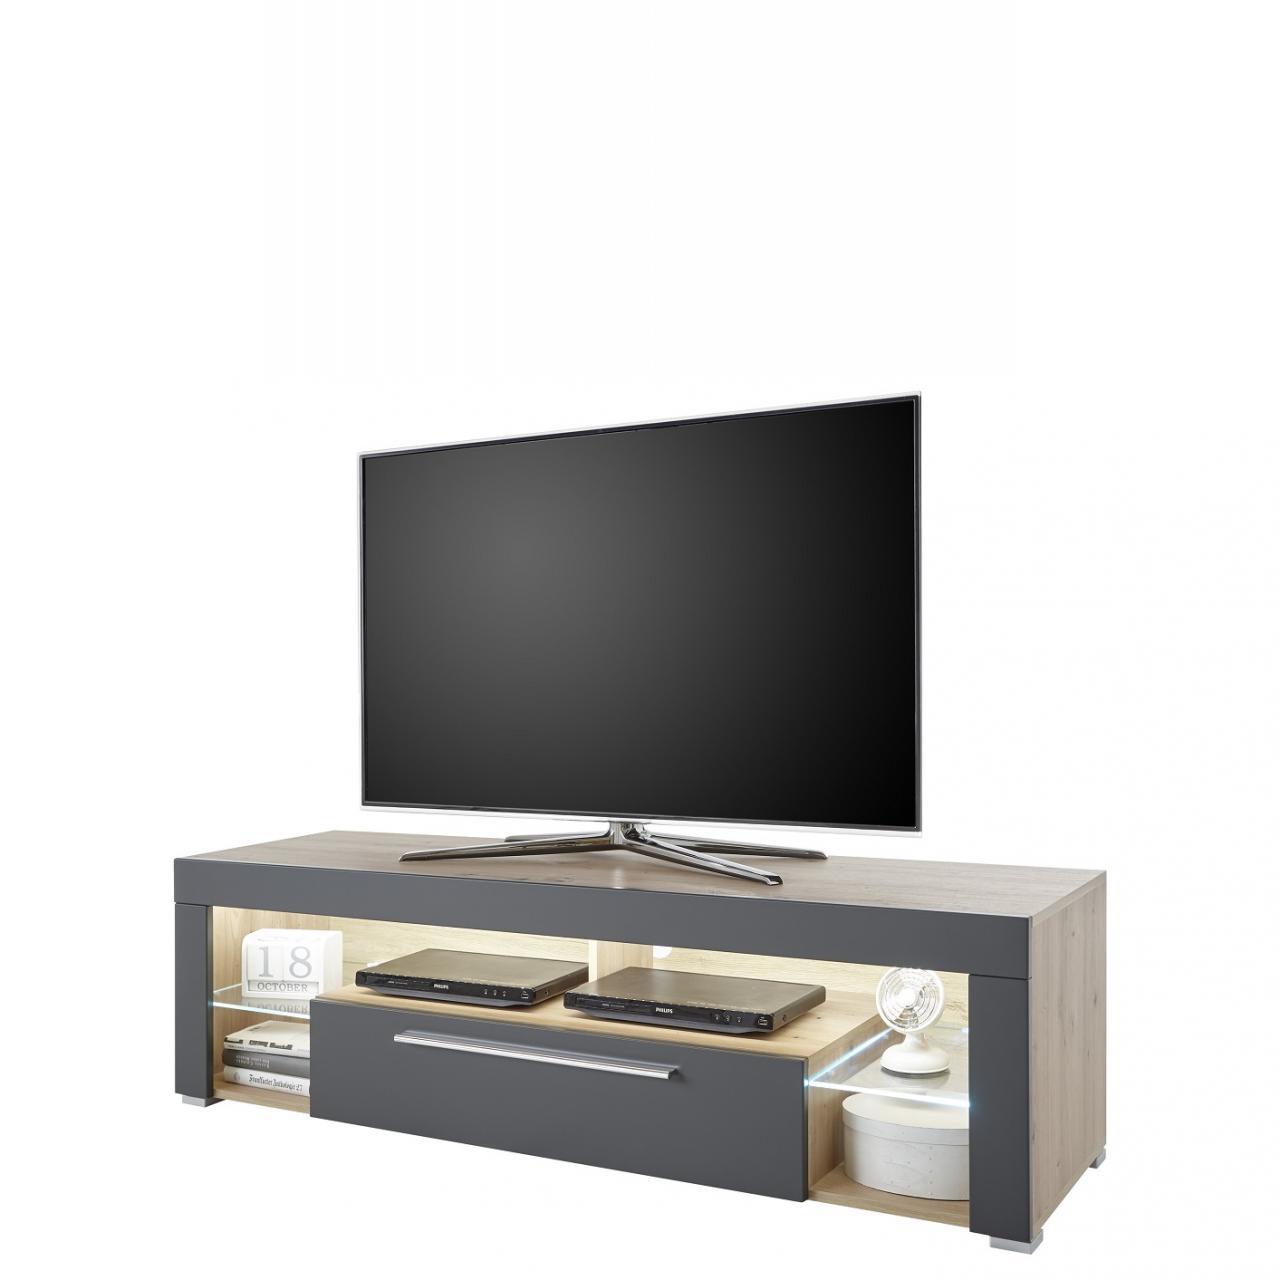 Tv- Lowboard Goal 9 Artisan Eiche Wohnzimmer Fernsehtisch LED Glasböden